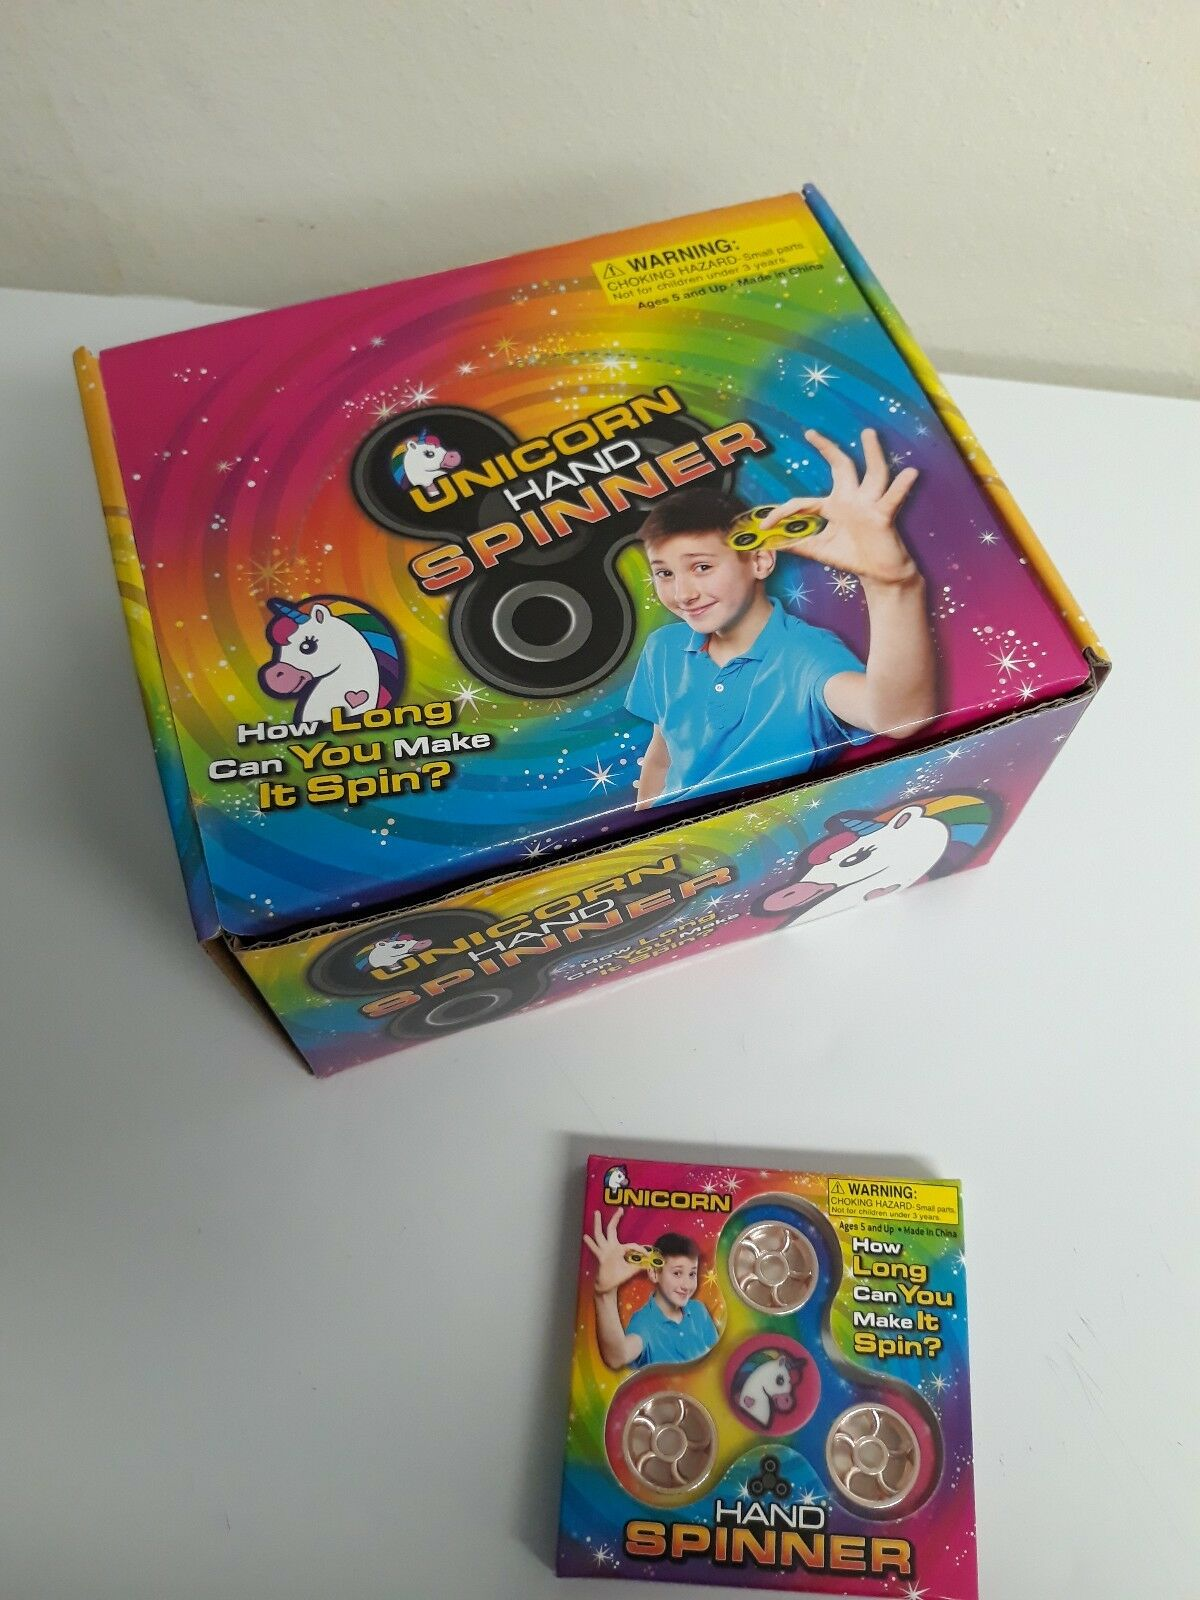 popolare UNICORN He SPINNER Figit giocattoli, Birthday Birthday Birthday favors, Party giocos, Lot of 24 (1 scatola)  acquistare ora